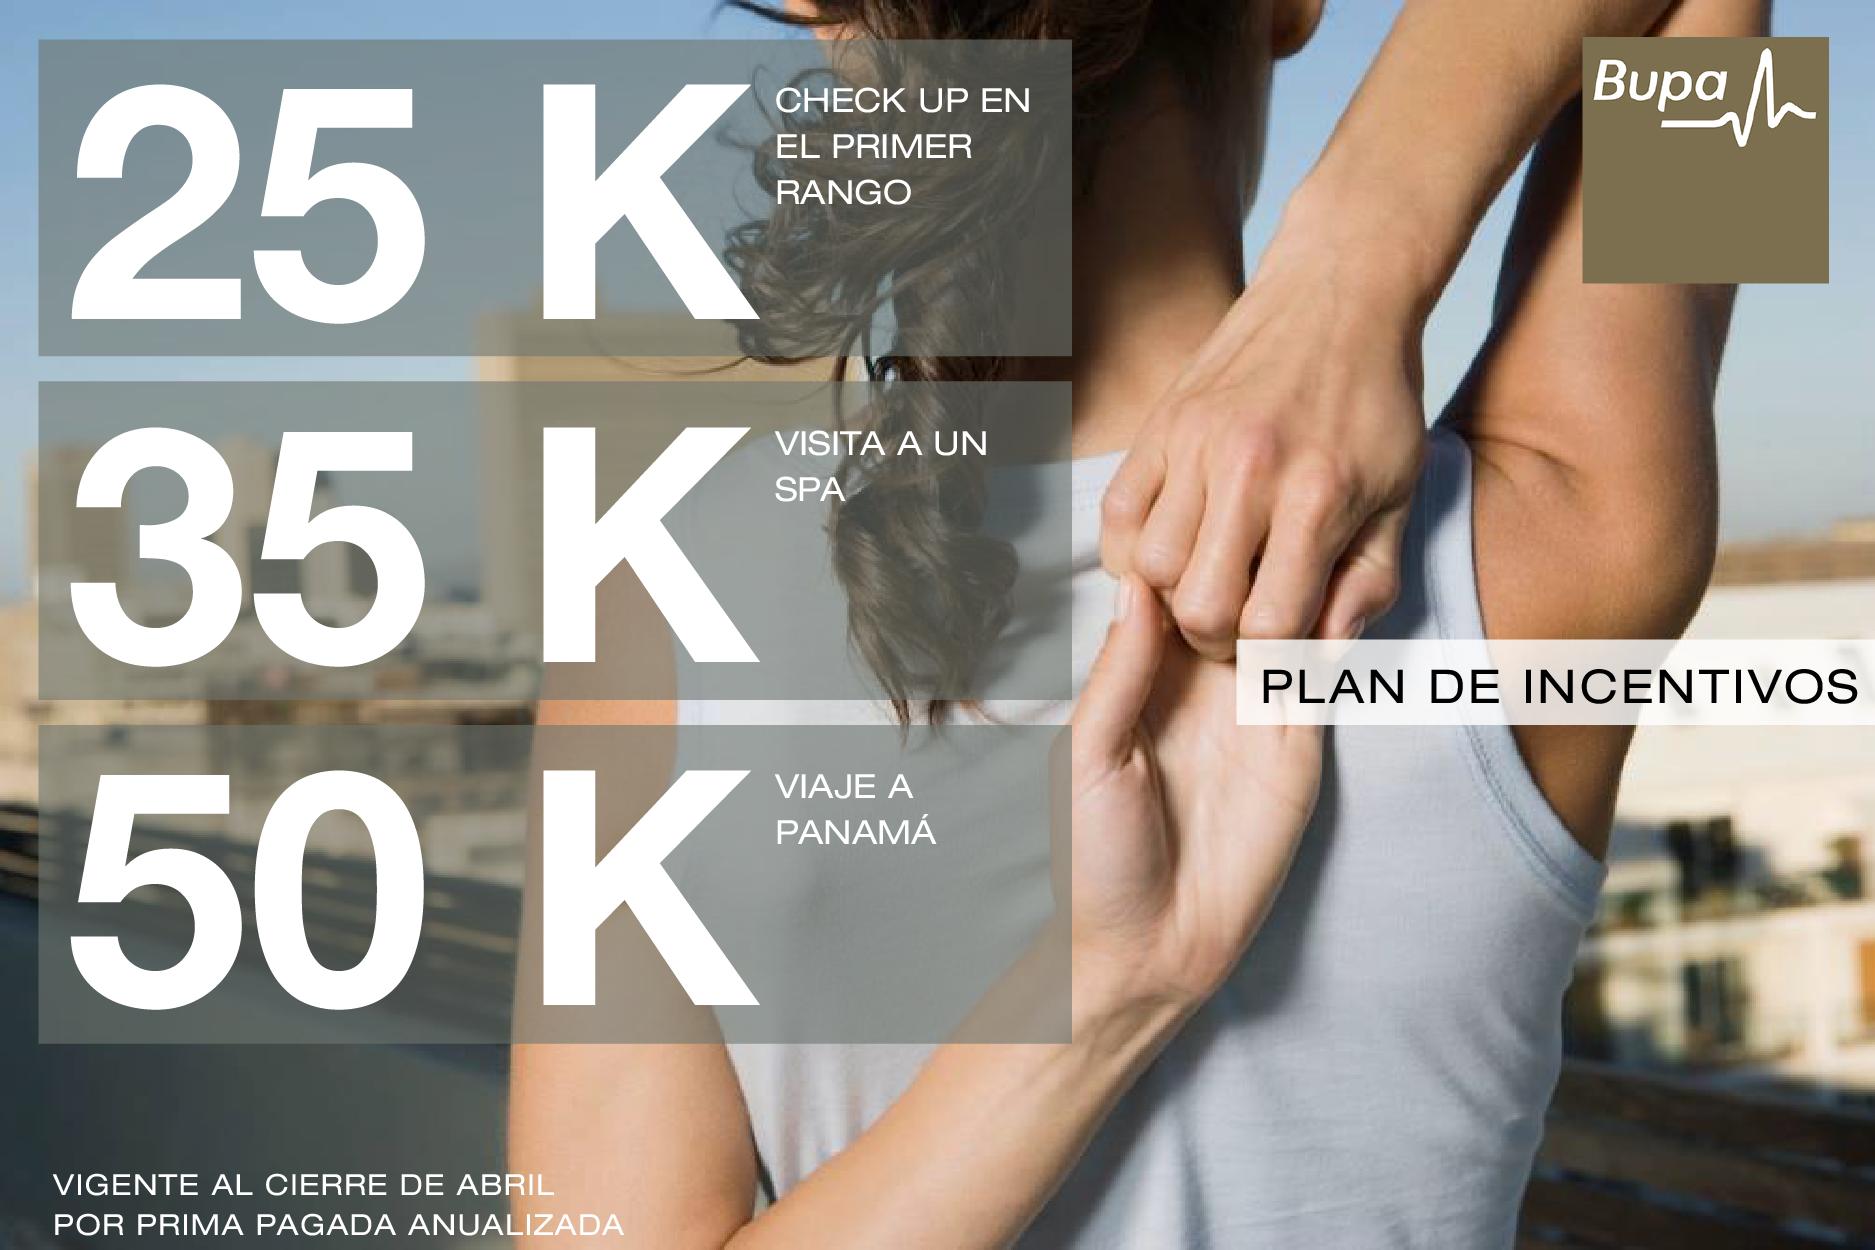 Incentivos de Bupa Global México al cierre de abril 2015